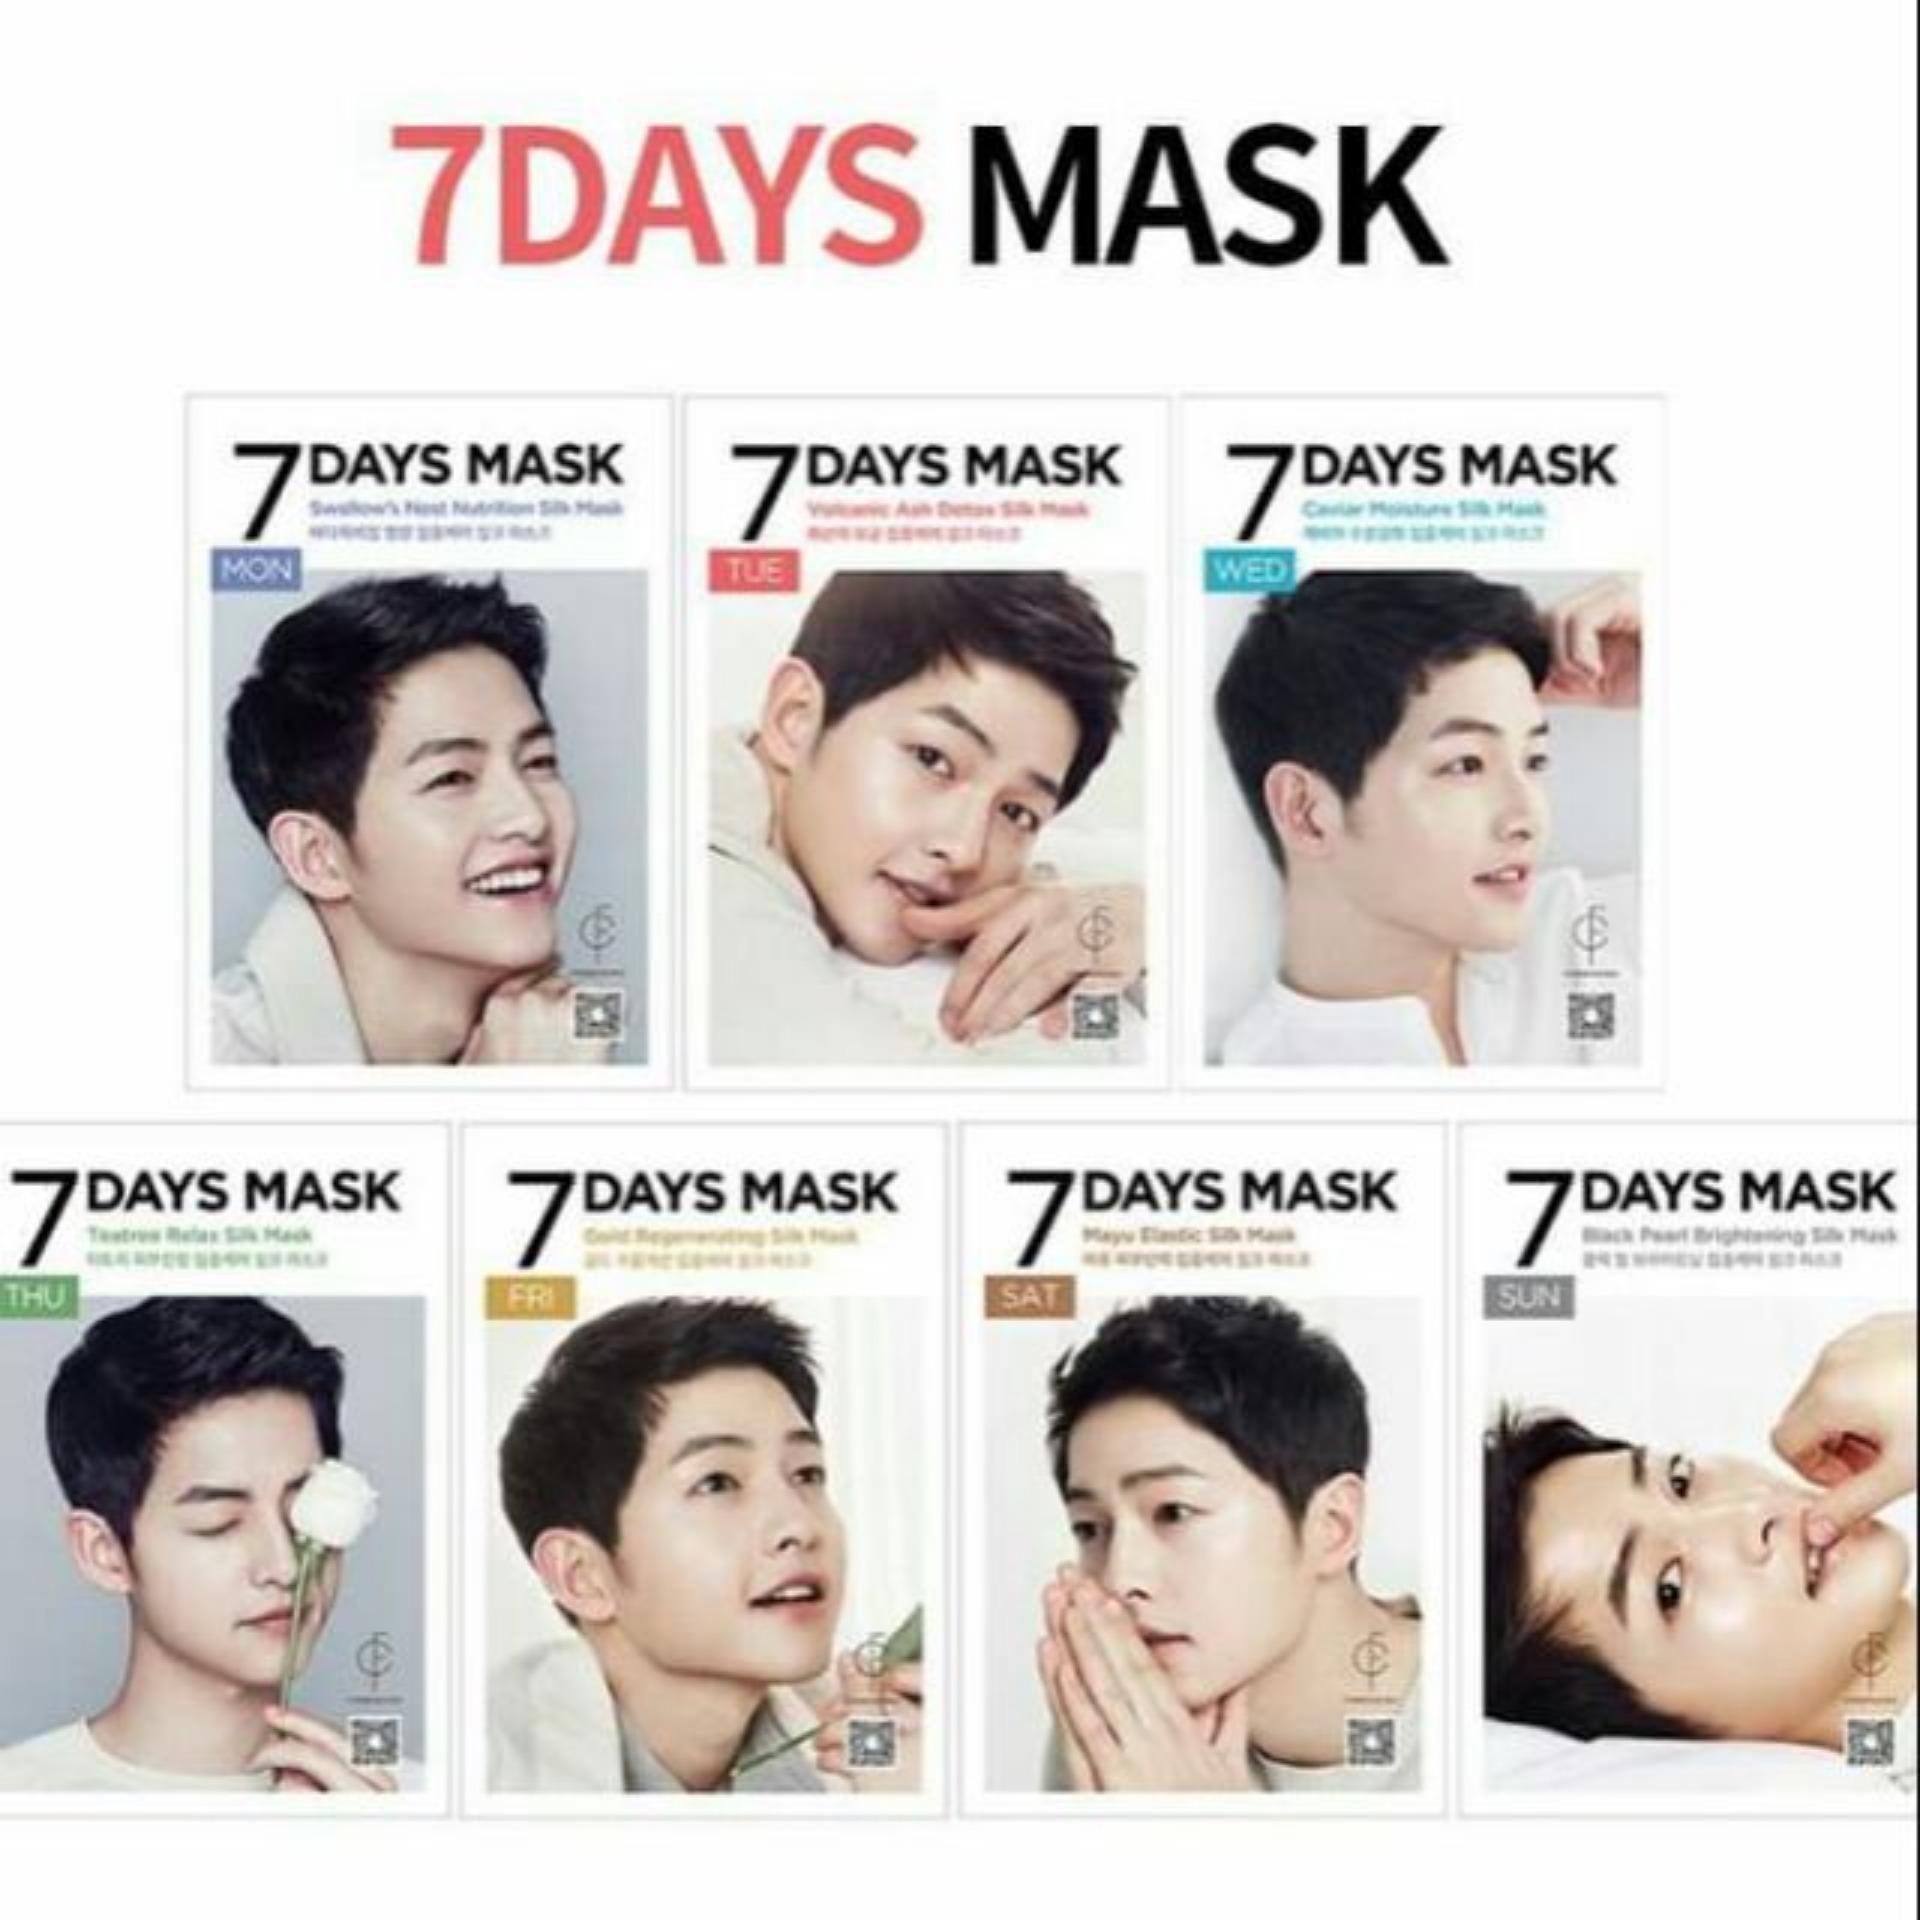 Mặt nạ dưỡng da 7 ngày Forencos 7 Days mask Song Joong Ki